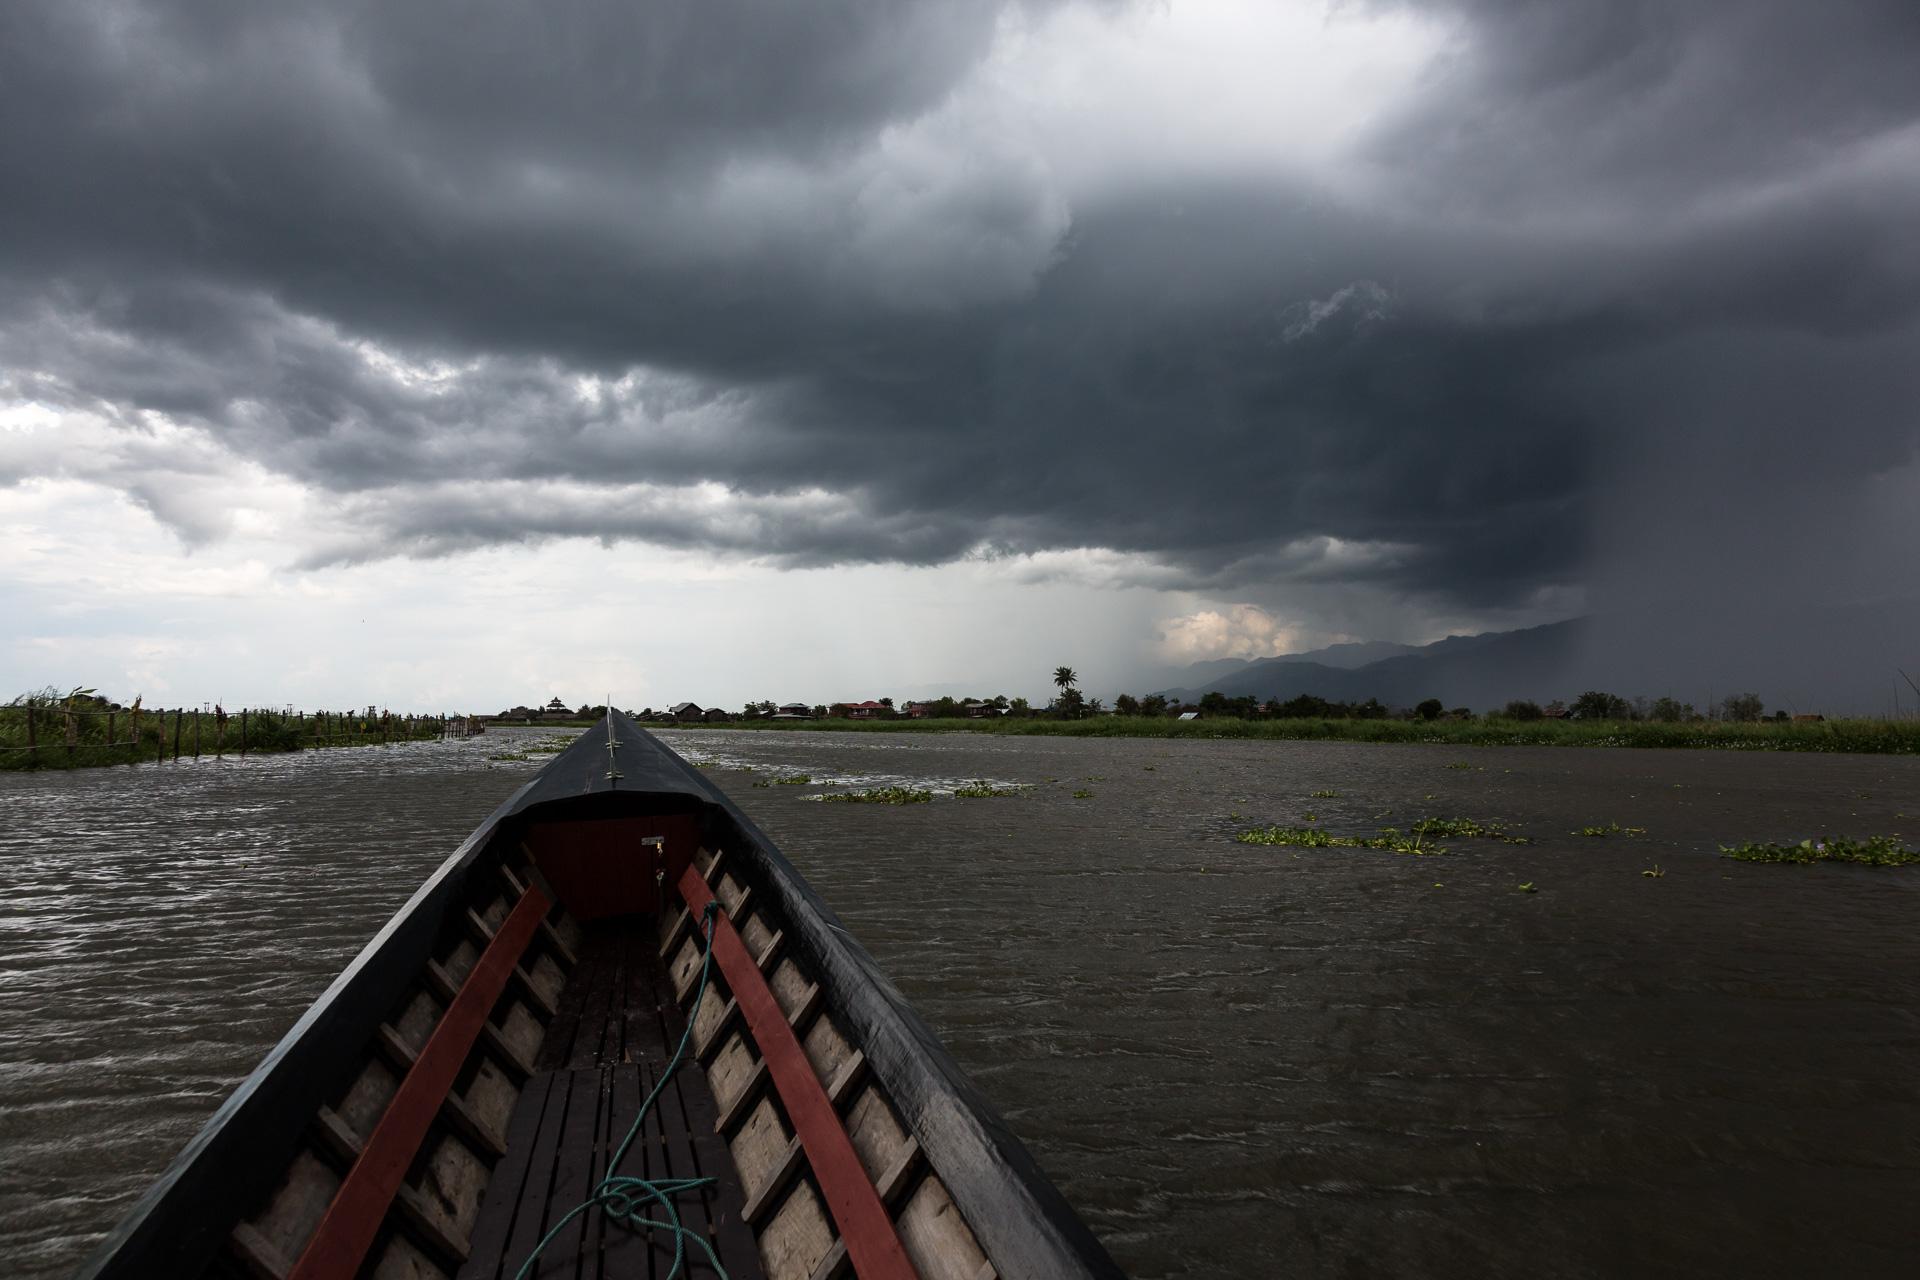 myanmar-reportage-wisckow-058.jpg